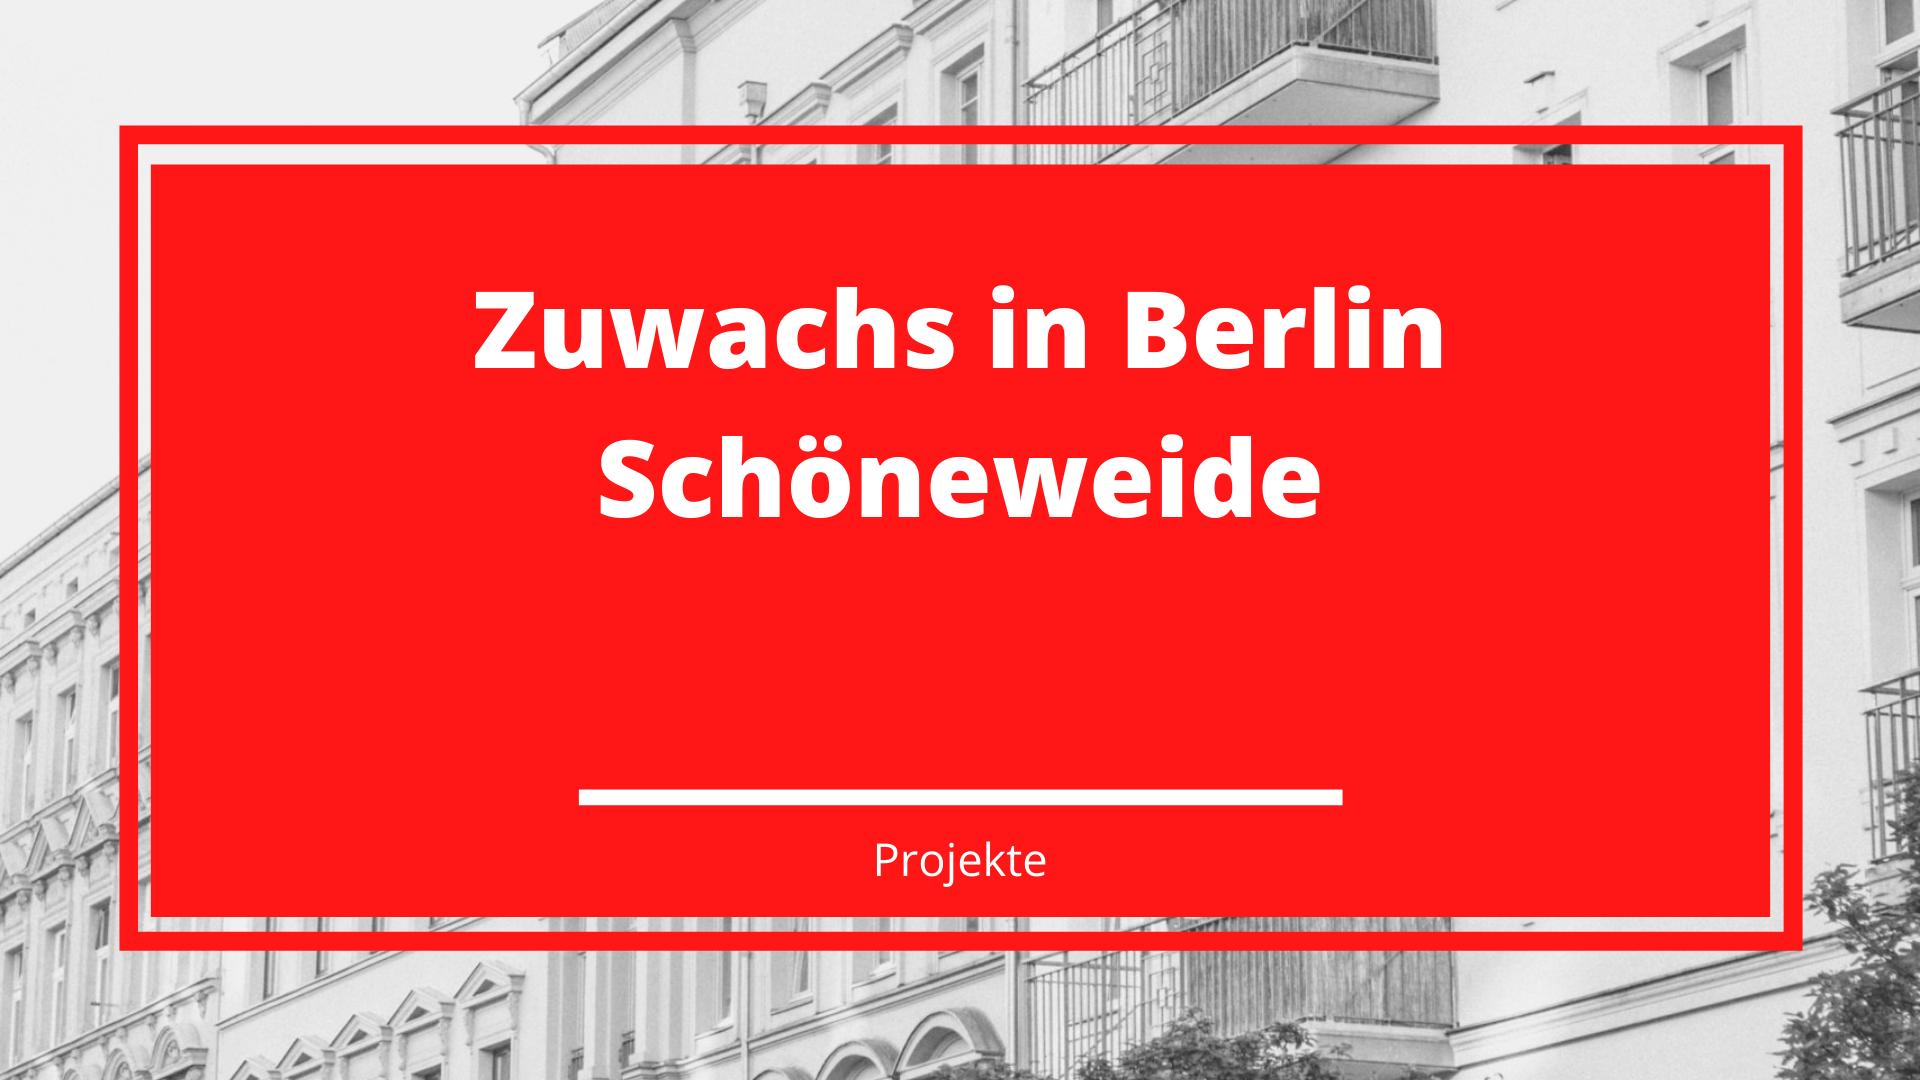 Zuwachs in Berlin Schöneweide